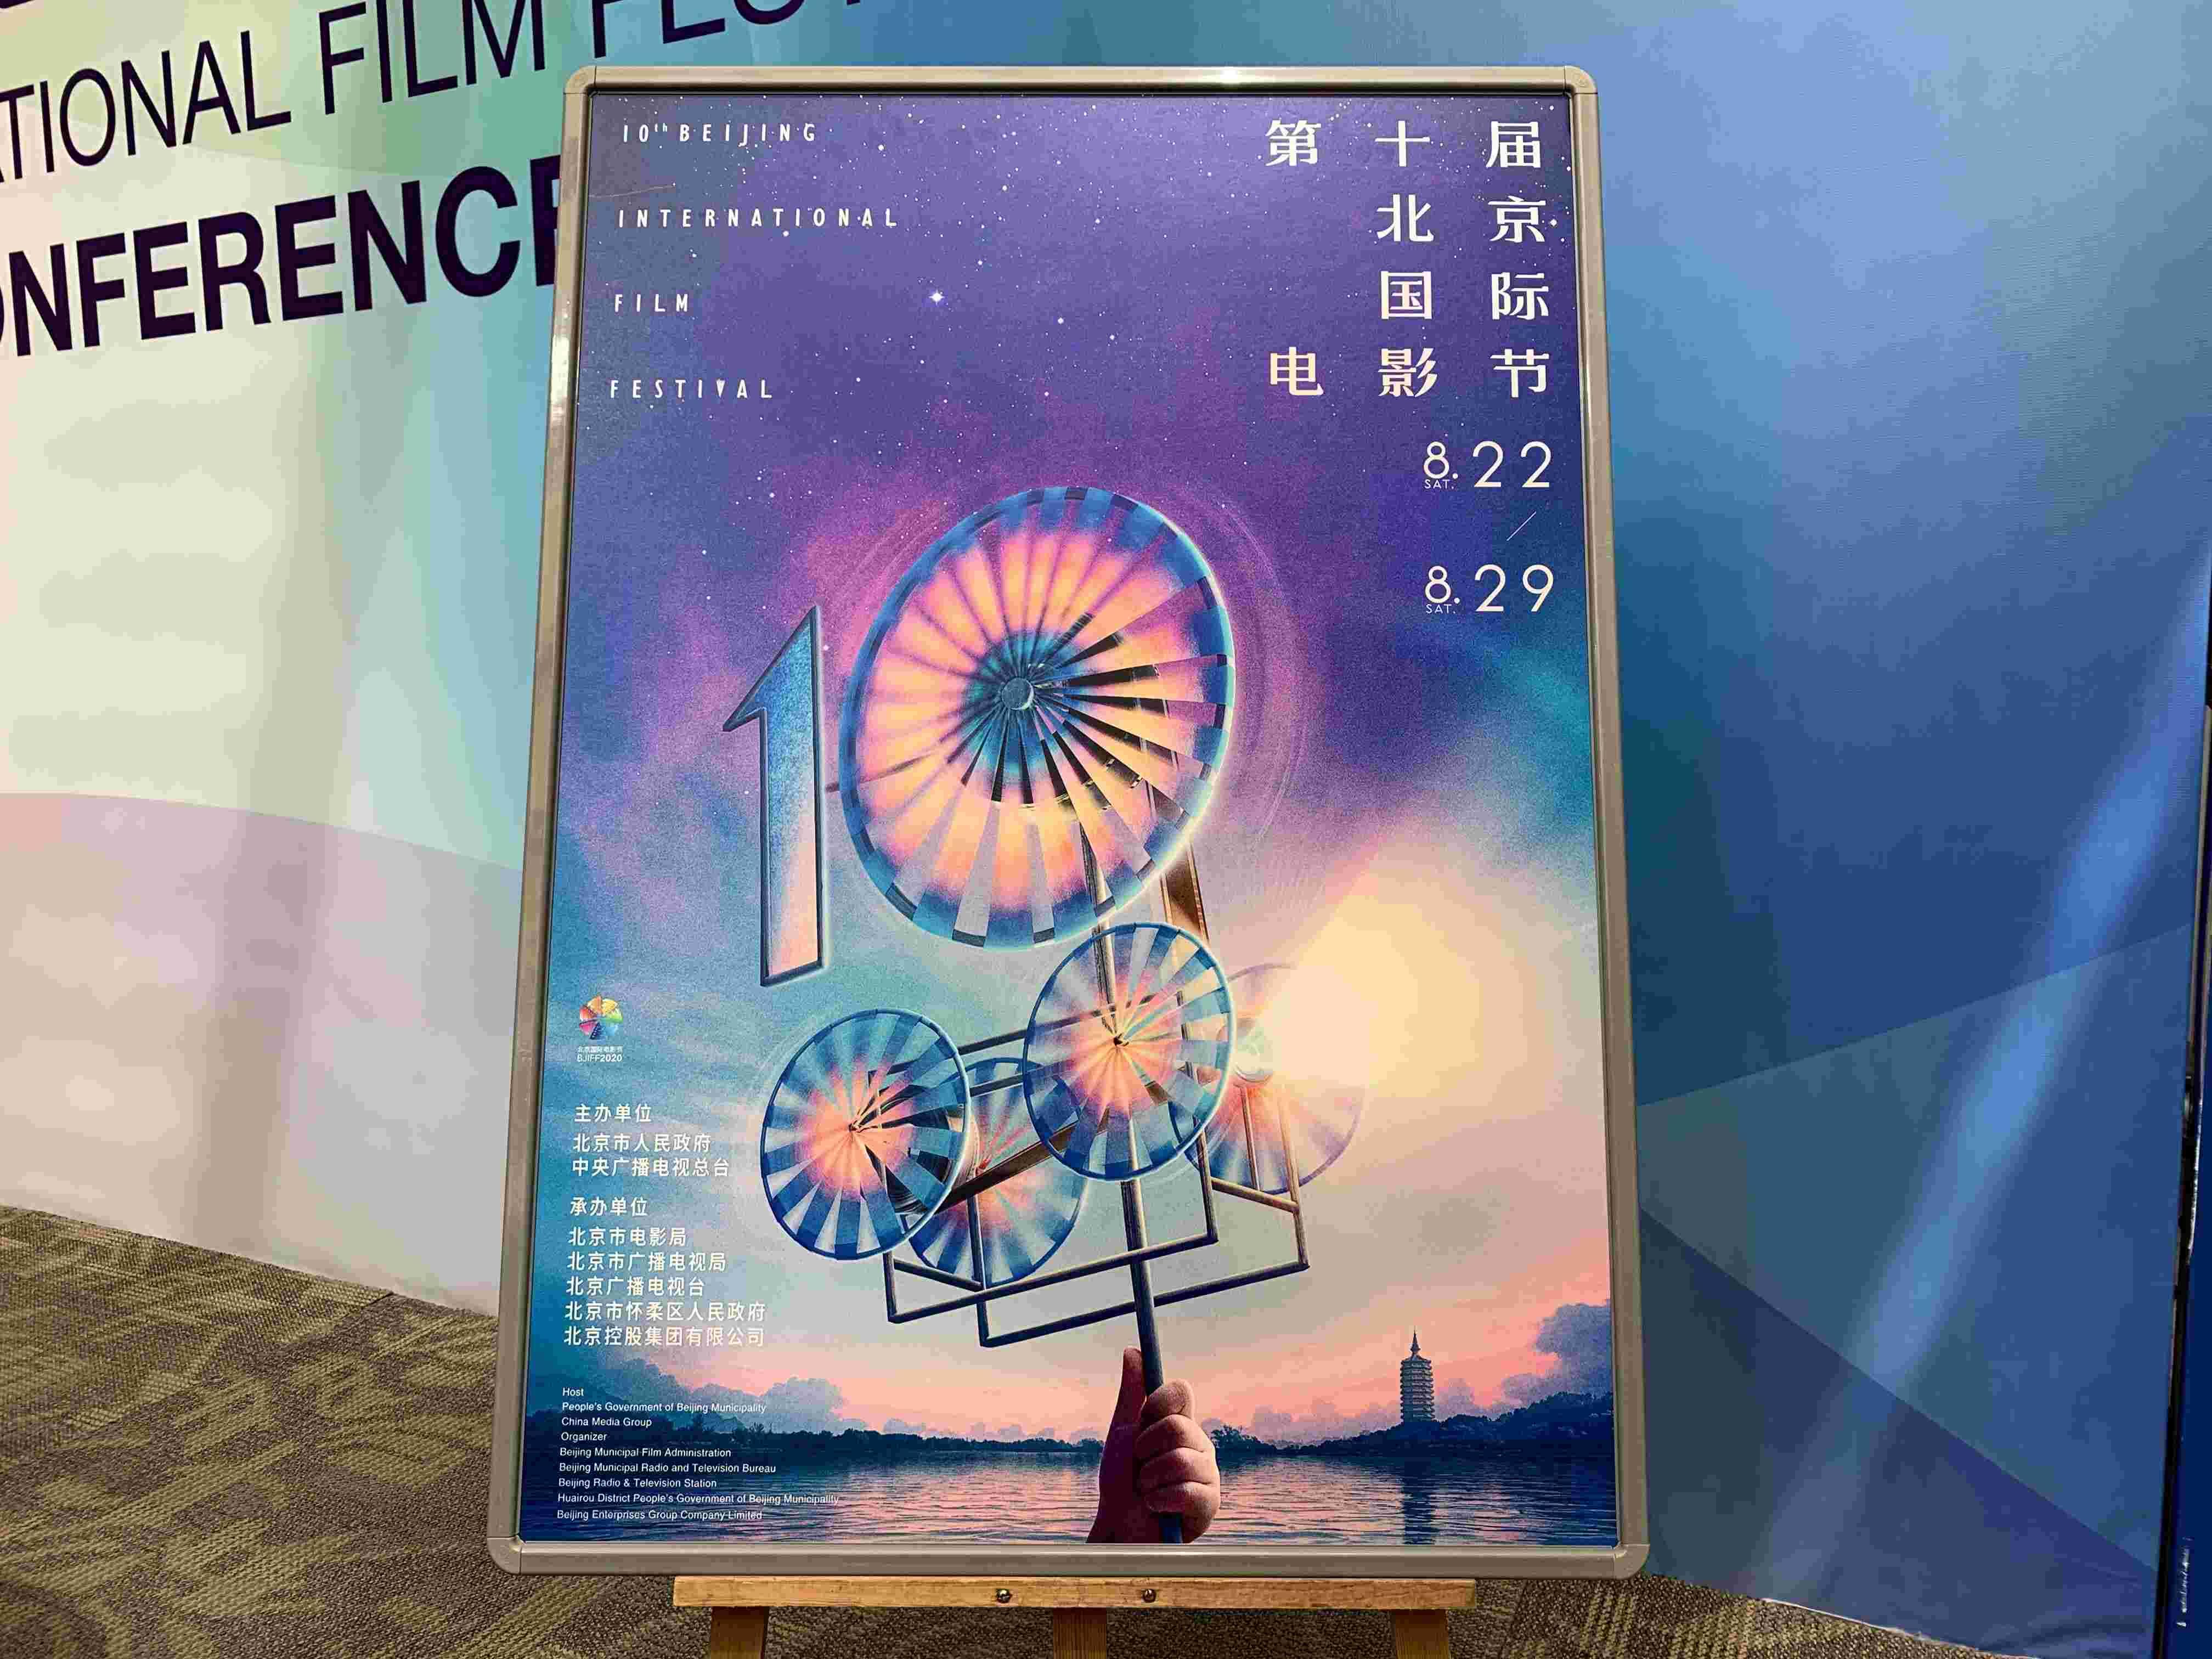 第十届北京国际电影节主海报发布,听听组委会怎么解读